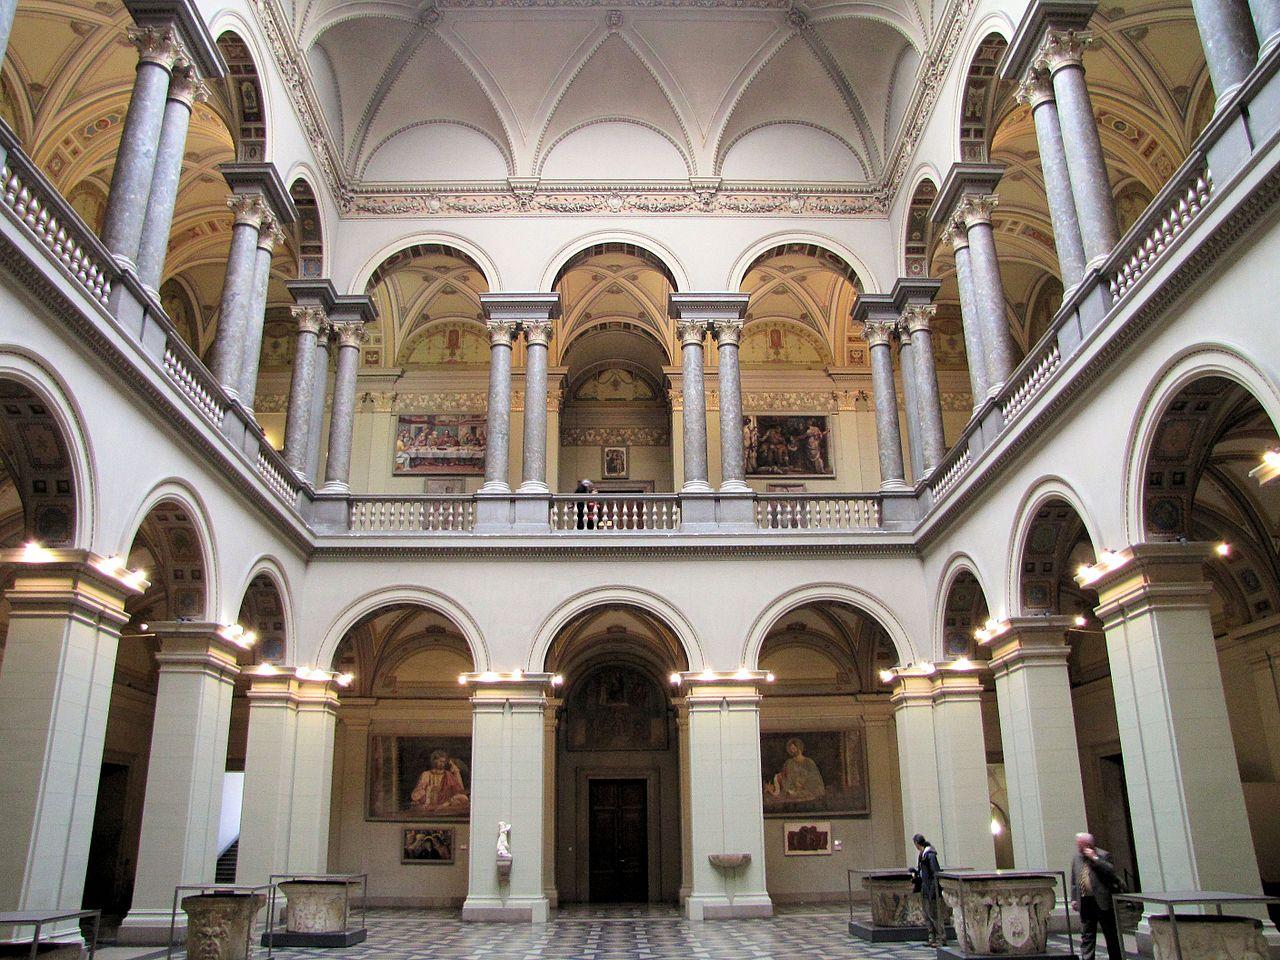 Музей изобразительных искусств в Будапеште, зал Ренессанса